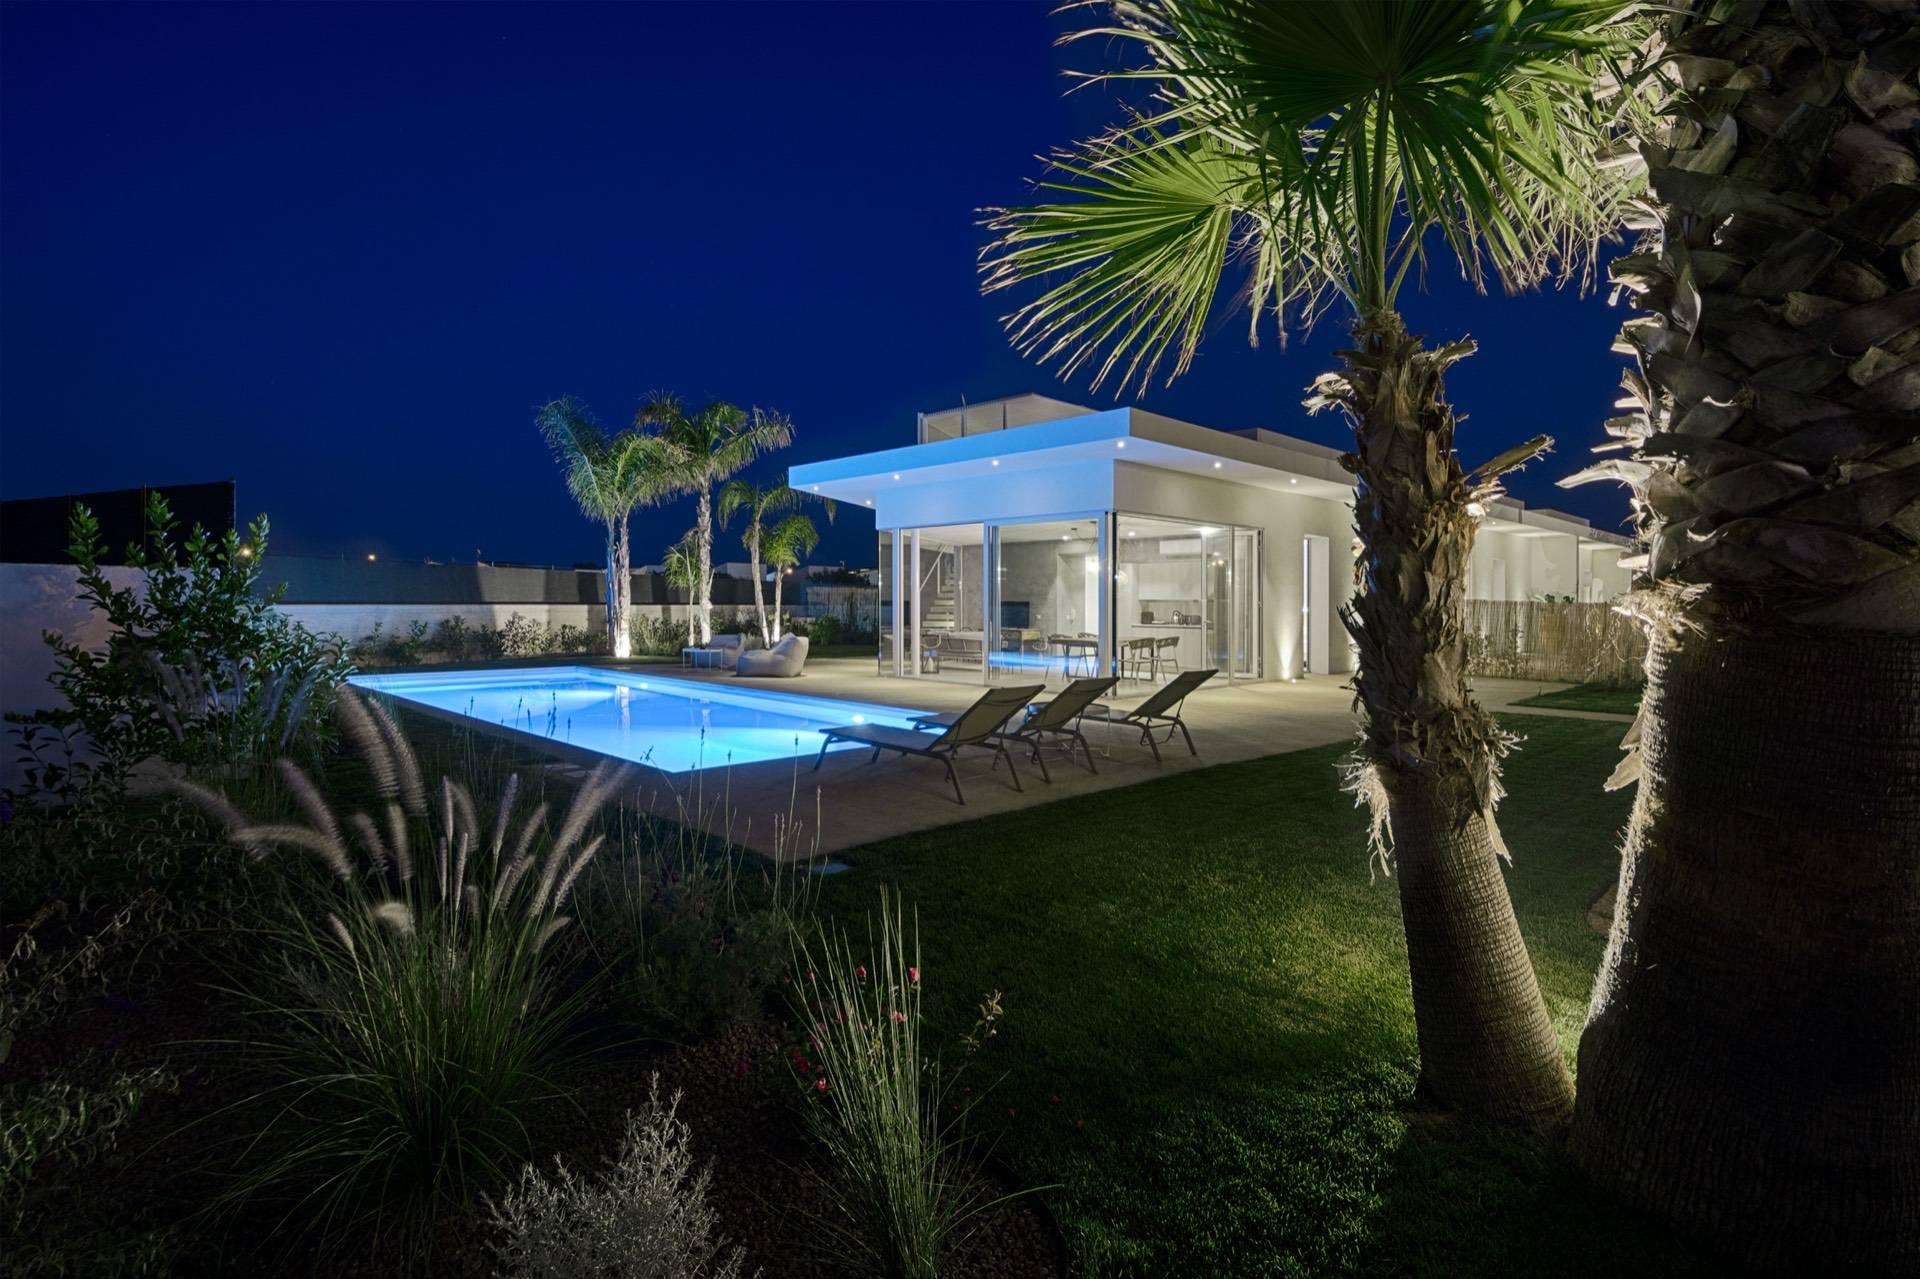 Casa indipendente in Vendita a Ragusa: 3 locali, 130 mq - Foto 7